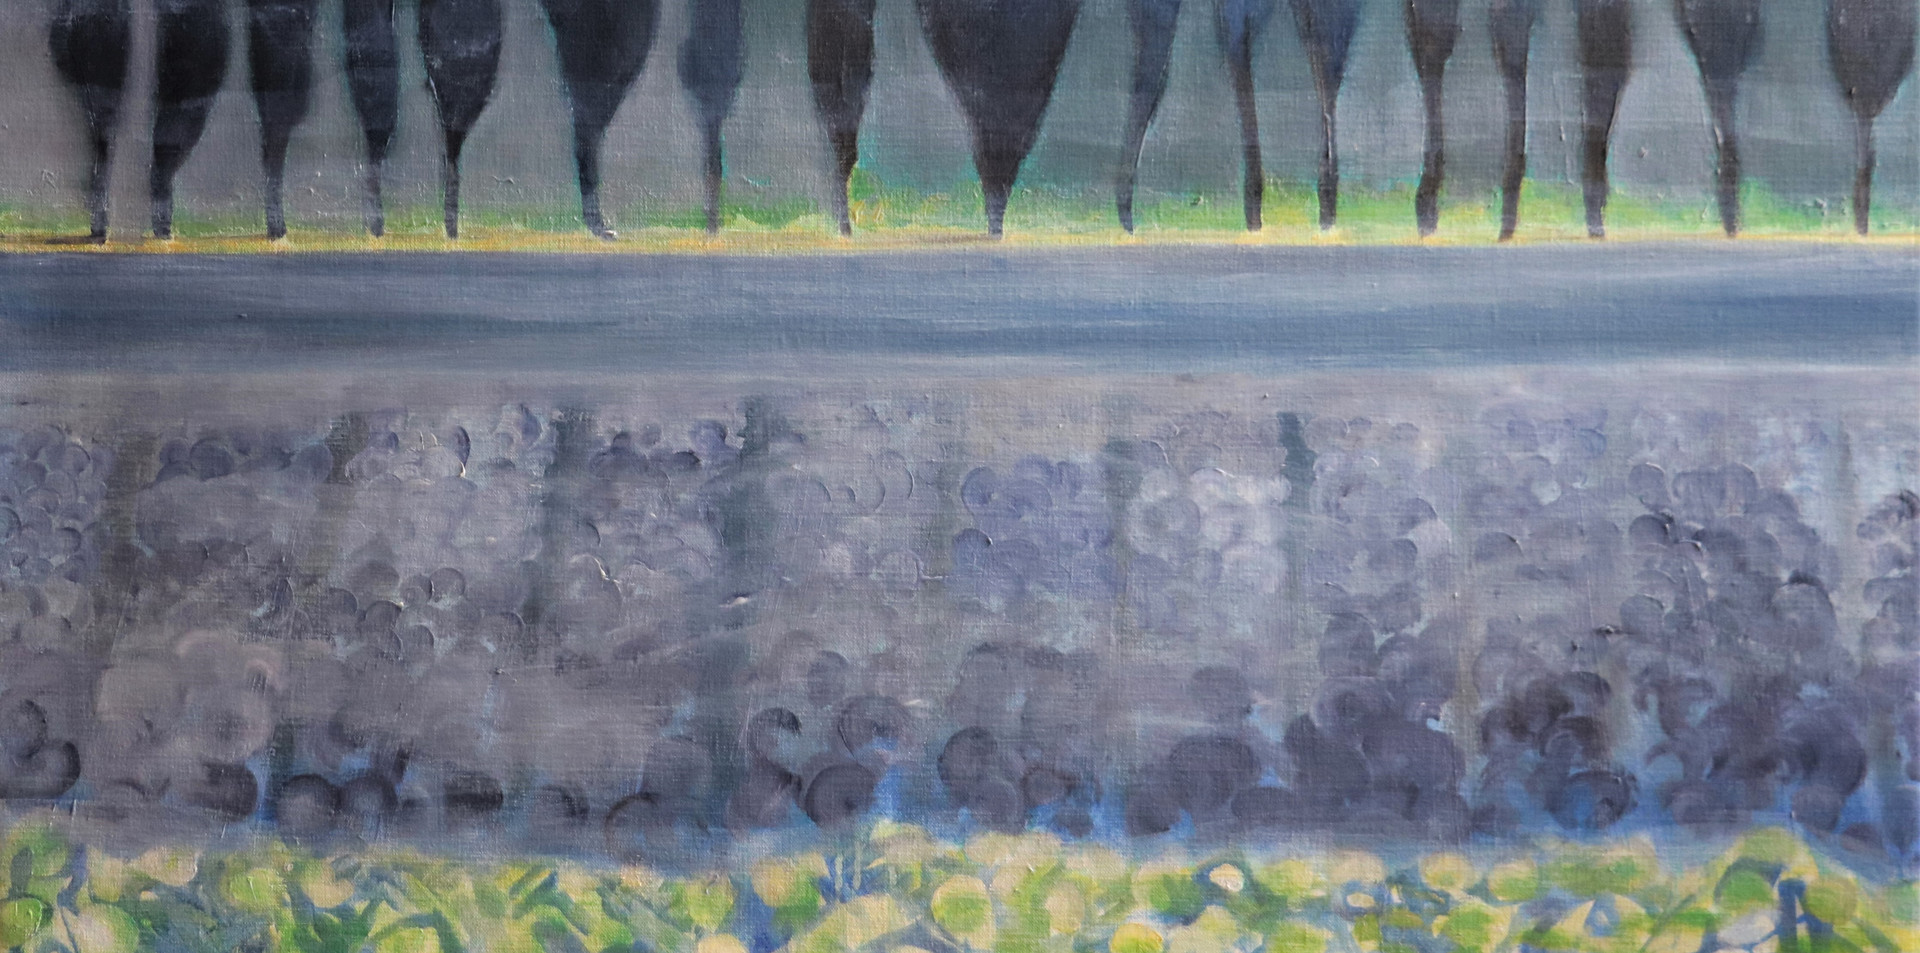 2017 - olie op doek 60 x 80 cm - Verre mist